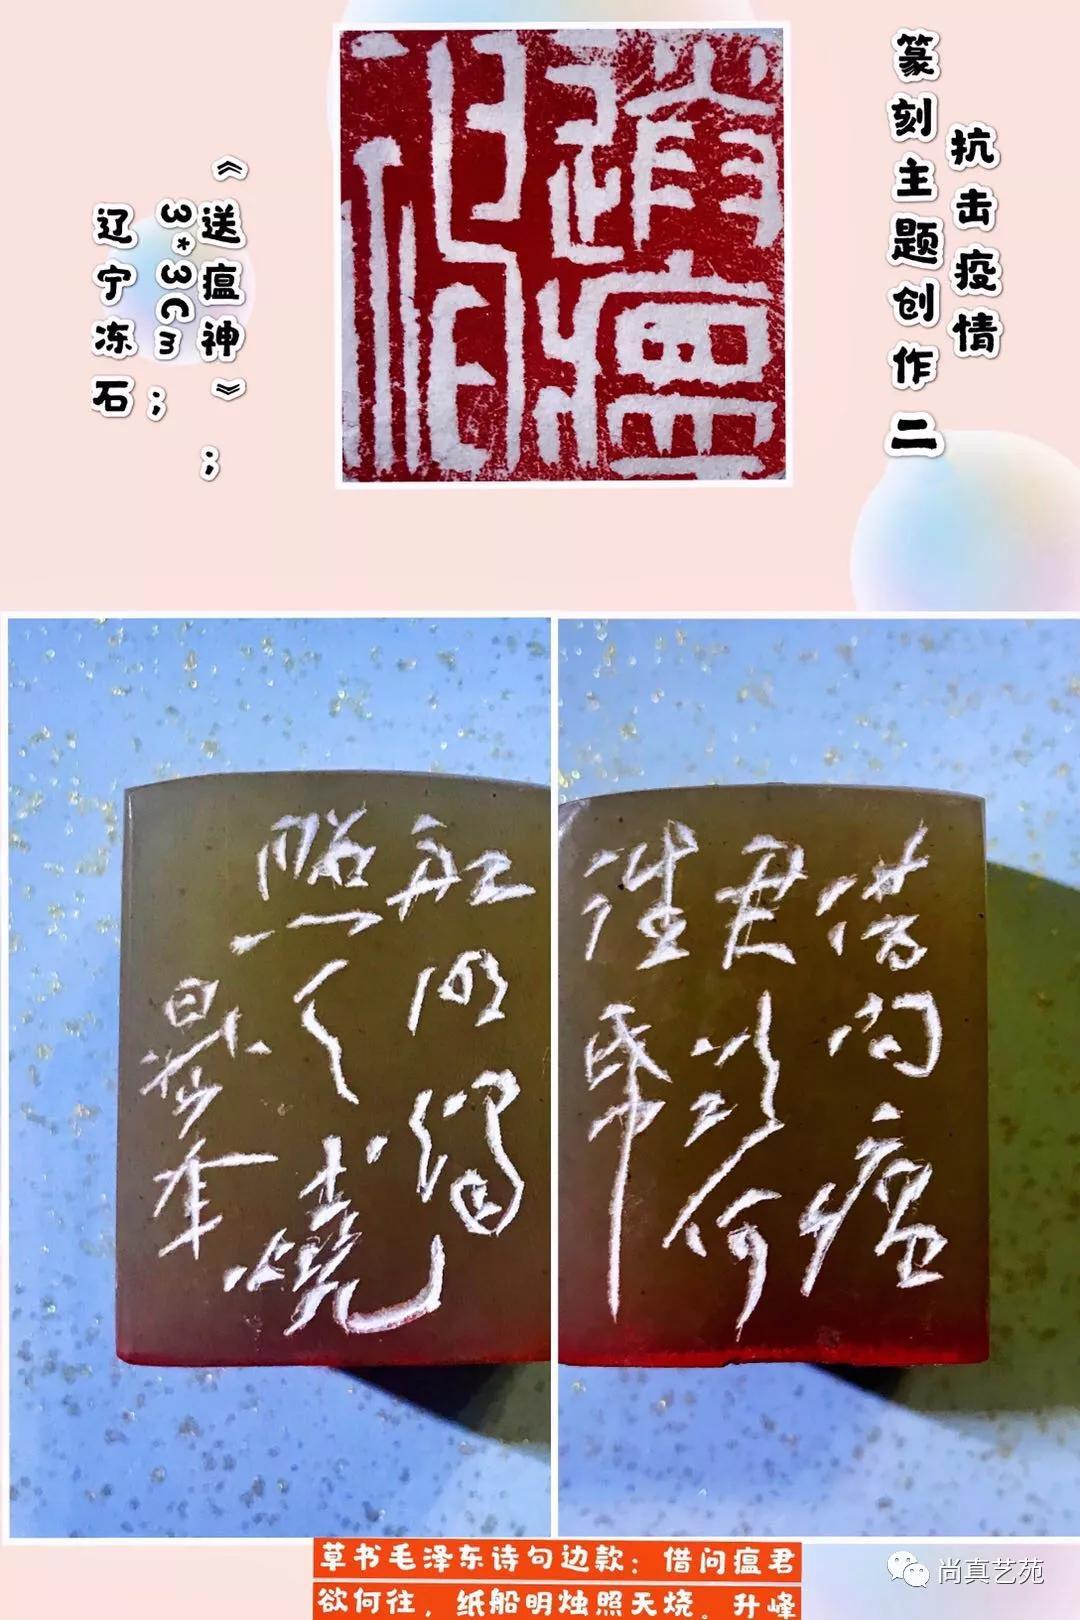 王升峰---抗击疫情主题创作《篆刻九品》